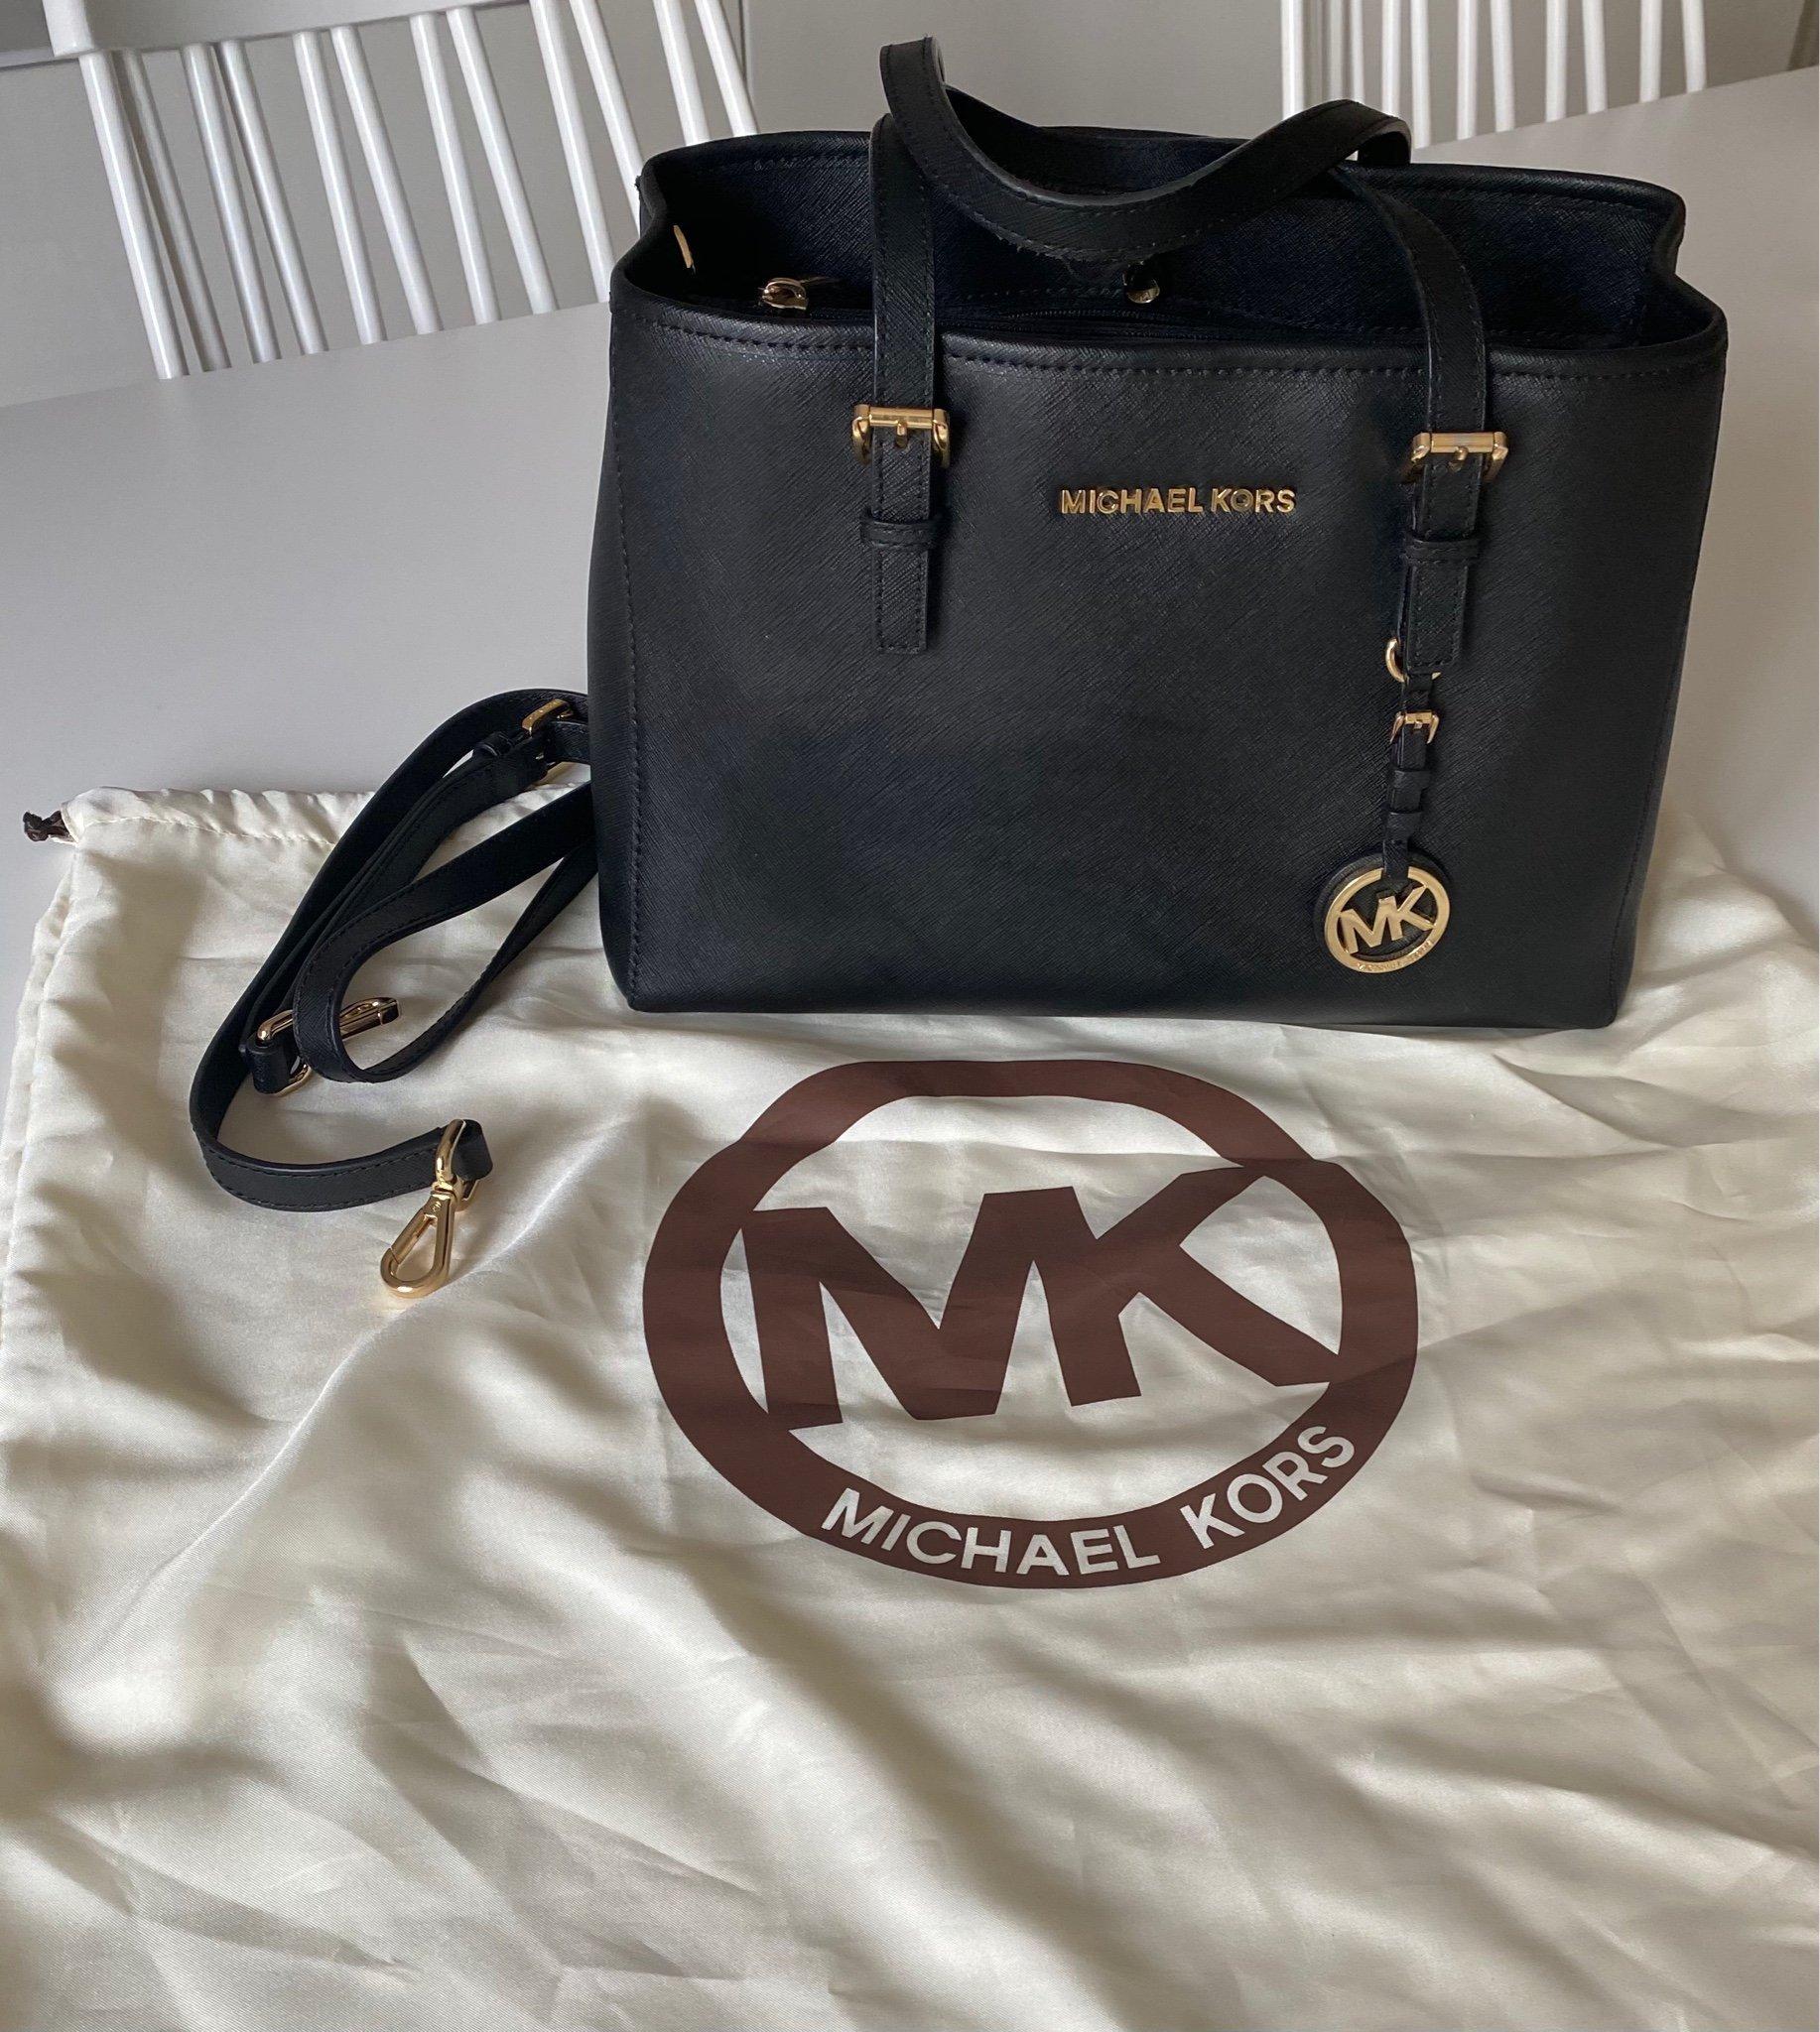 Michael kors väska (420012490) ᐈ Köp på Tradera